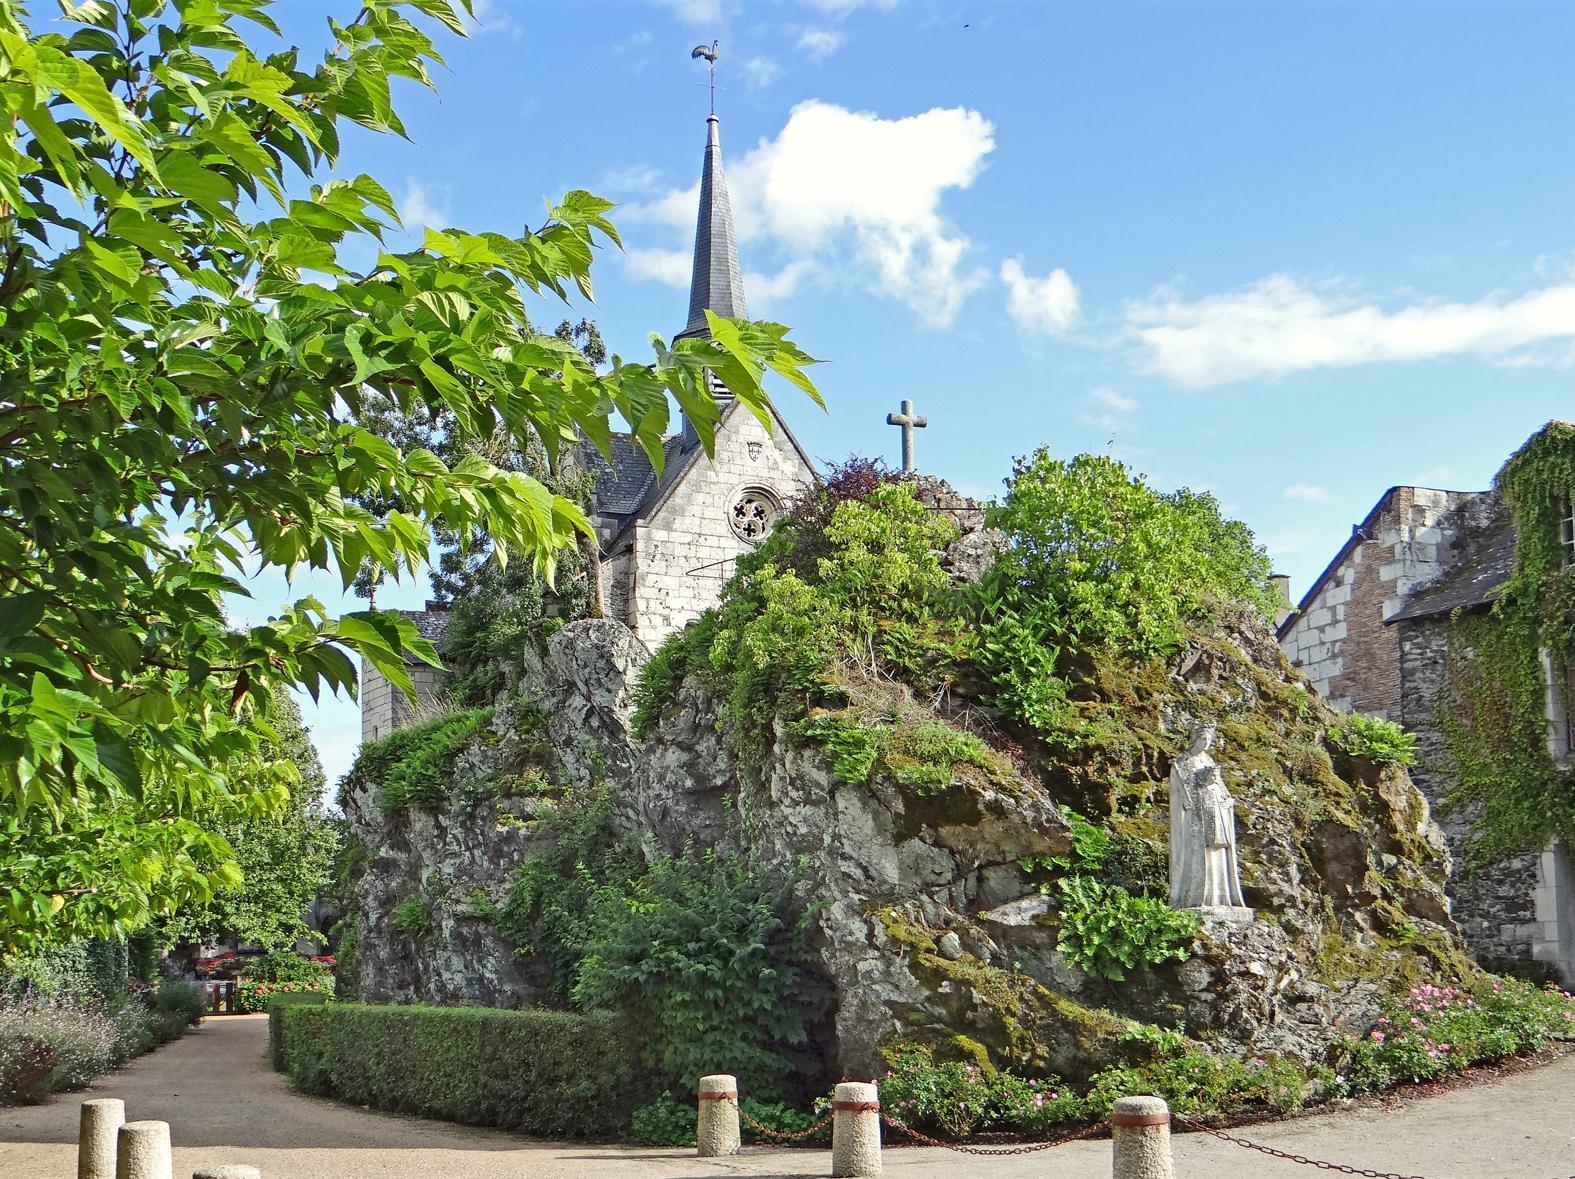 L'église_Notre-Dame_de_Béhuard - Jean-Pierre Dalbéra cc - My loire Valley